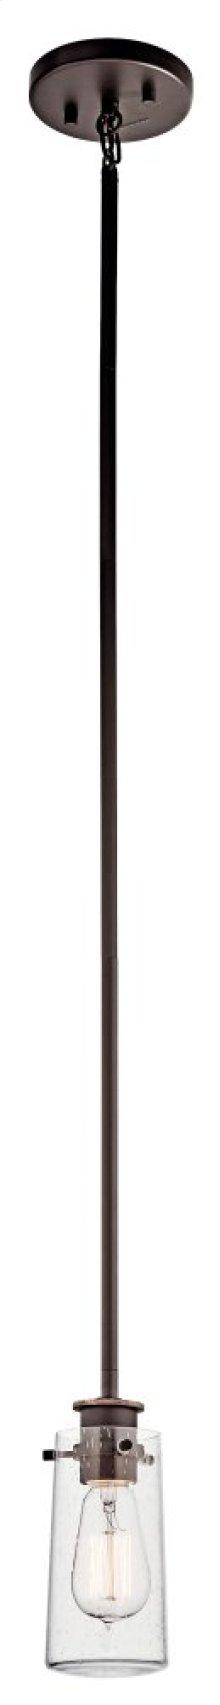 Braelyn 1 Light Mini Pendant Olde Bronze®